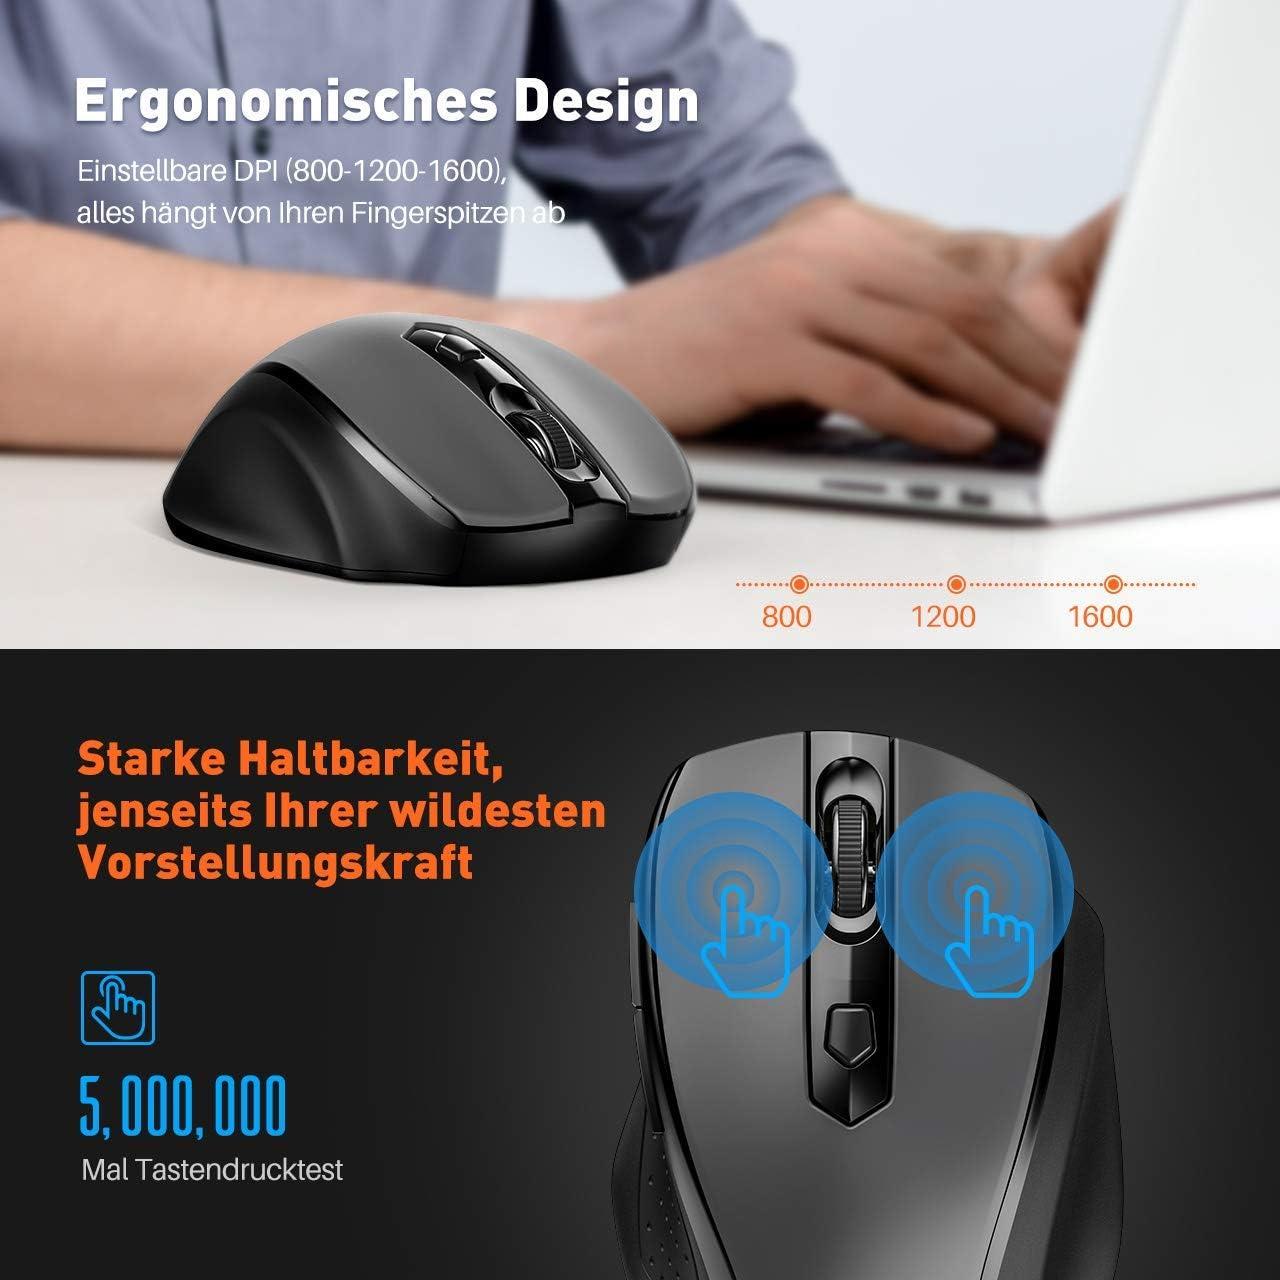 Funktastatur mit Maus Lange Akkulaufzeit f/ür PC Desktop Laptop Notebook 2,4 GHz Wireless Tastatur QWERTZ Deutsches Layout mit Handballenauflage YINGEET Tastatur Maus Set Kabellos USB